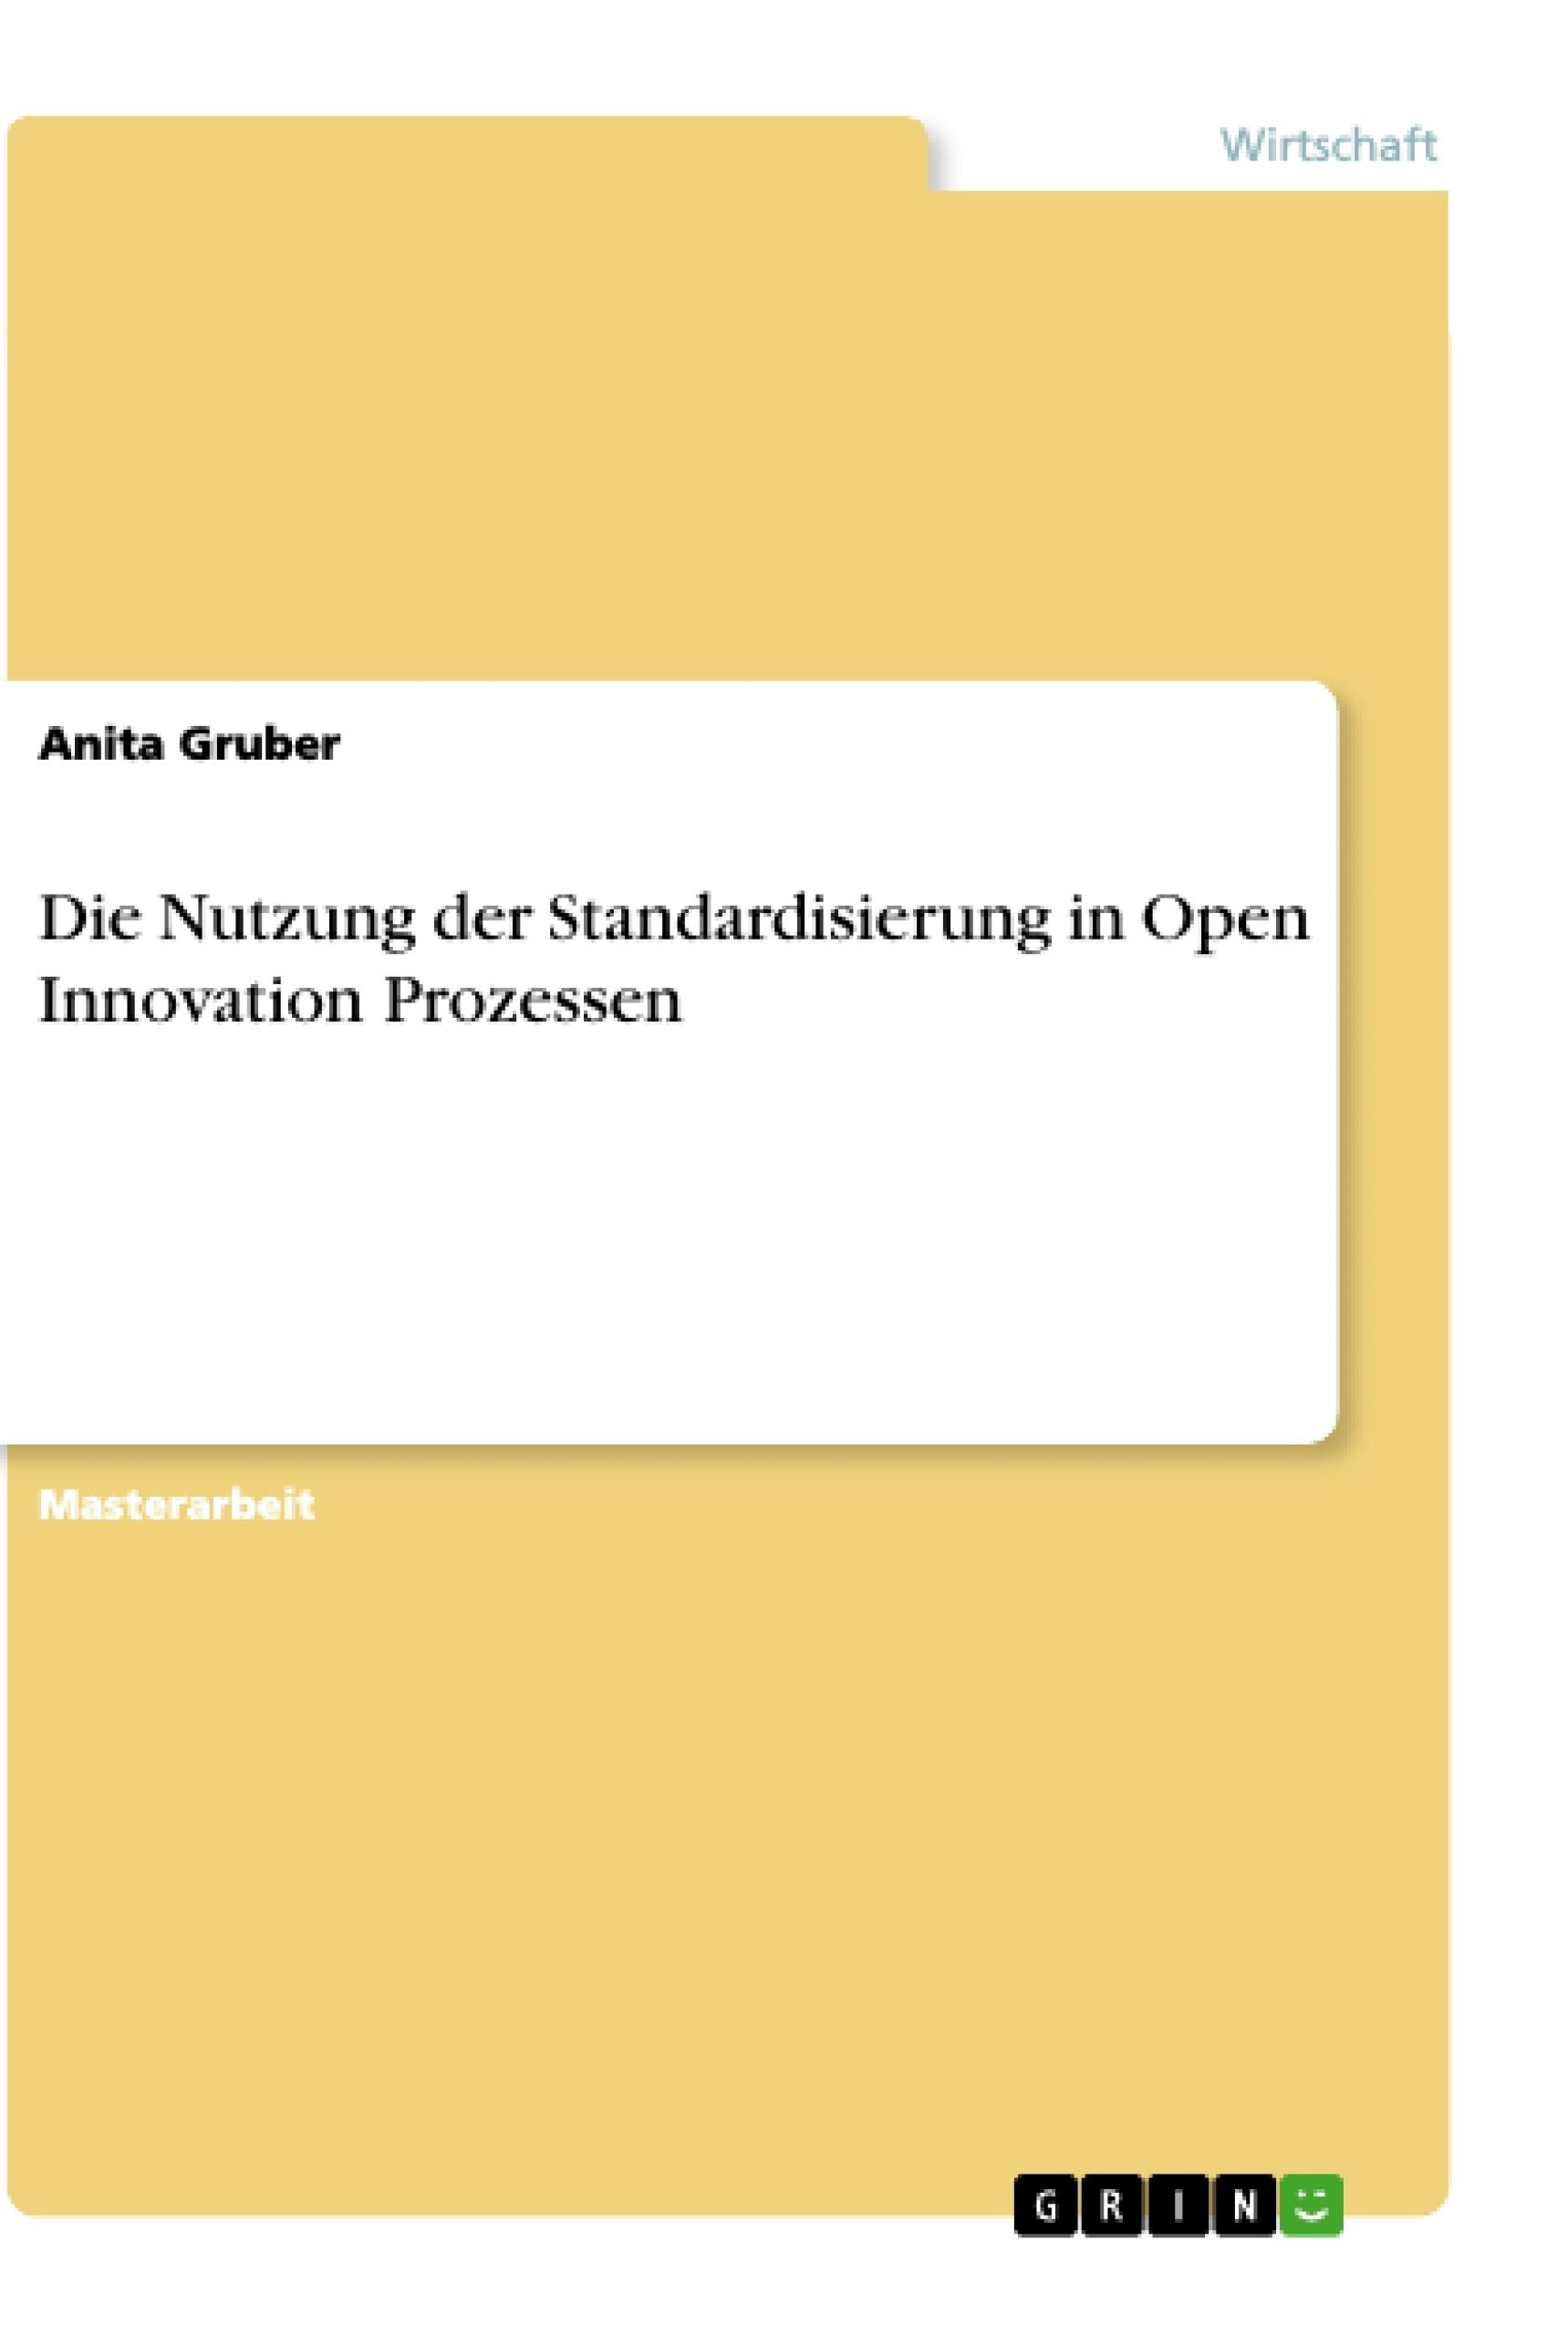 Titel: Die Nutzung der Standardisierung in Open Innovation Prozessen